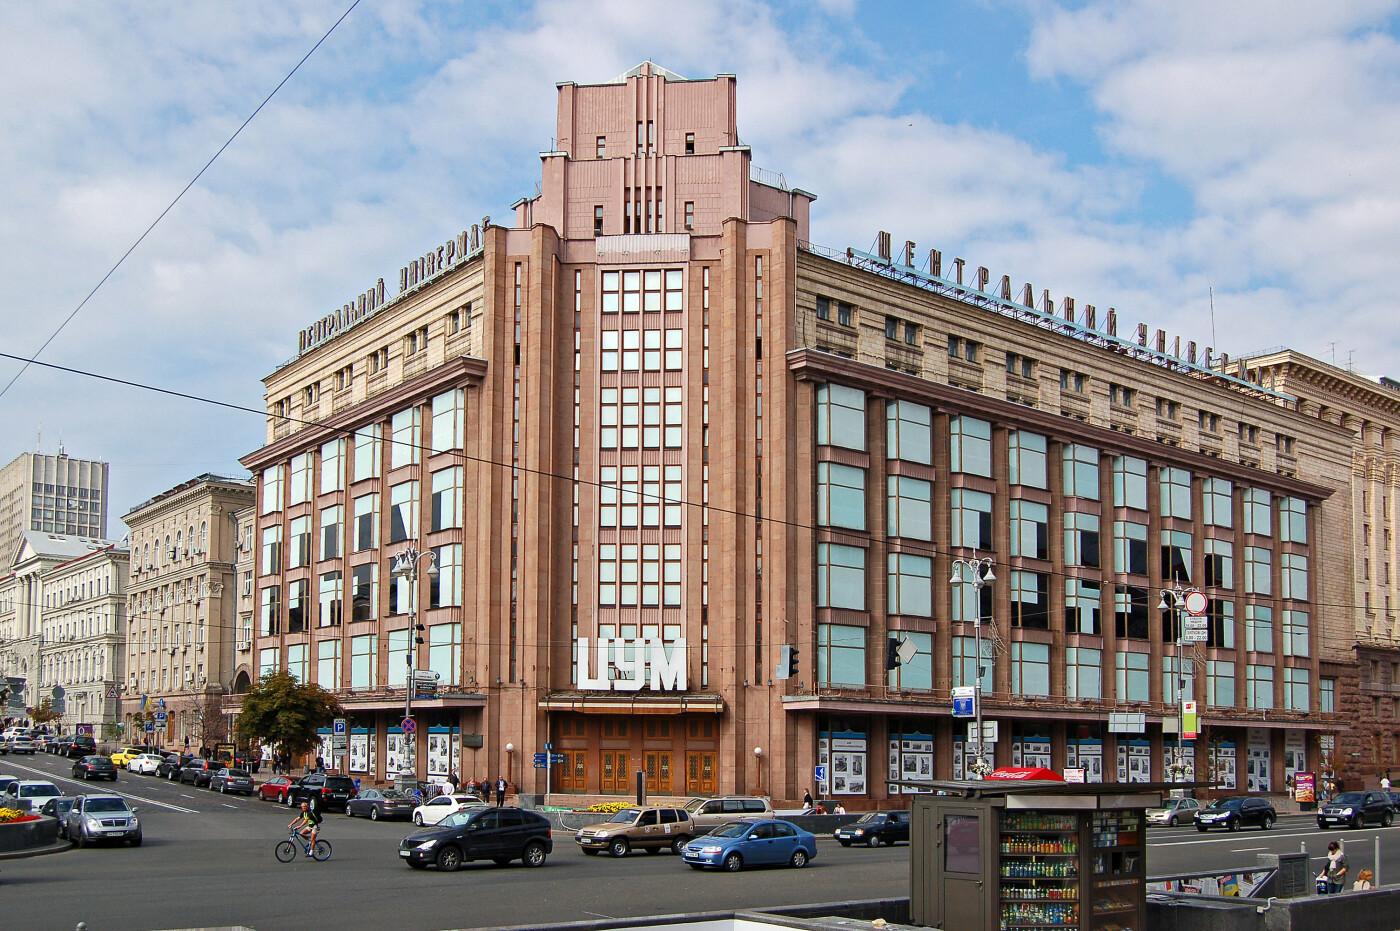 Киев в прошлом и теперь: 20 фото о том, как изменились самые популярные локации столицы, Фото: Википедия